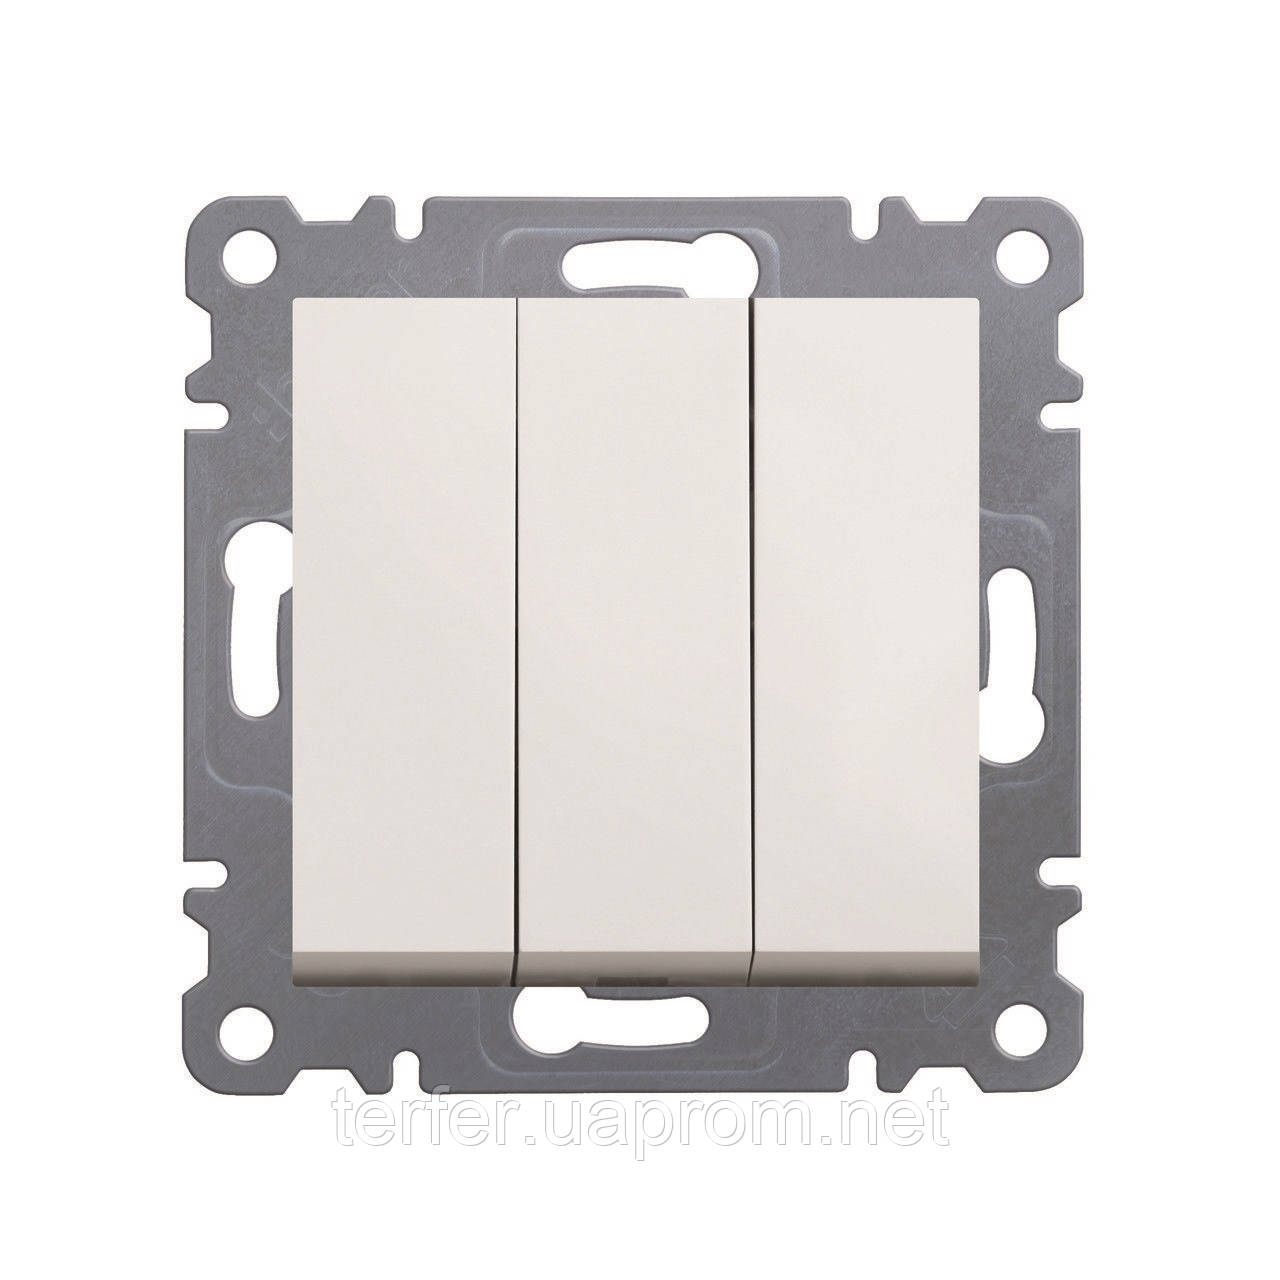 Выключатель 3-клавишный Lumina-2, белый, 10АХ / 230В